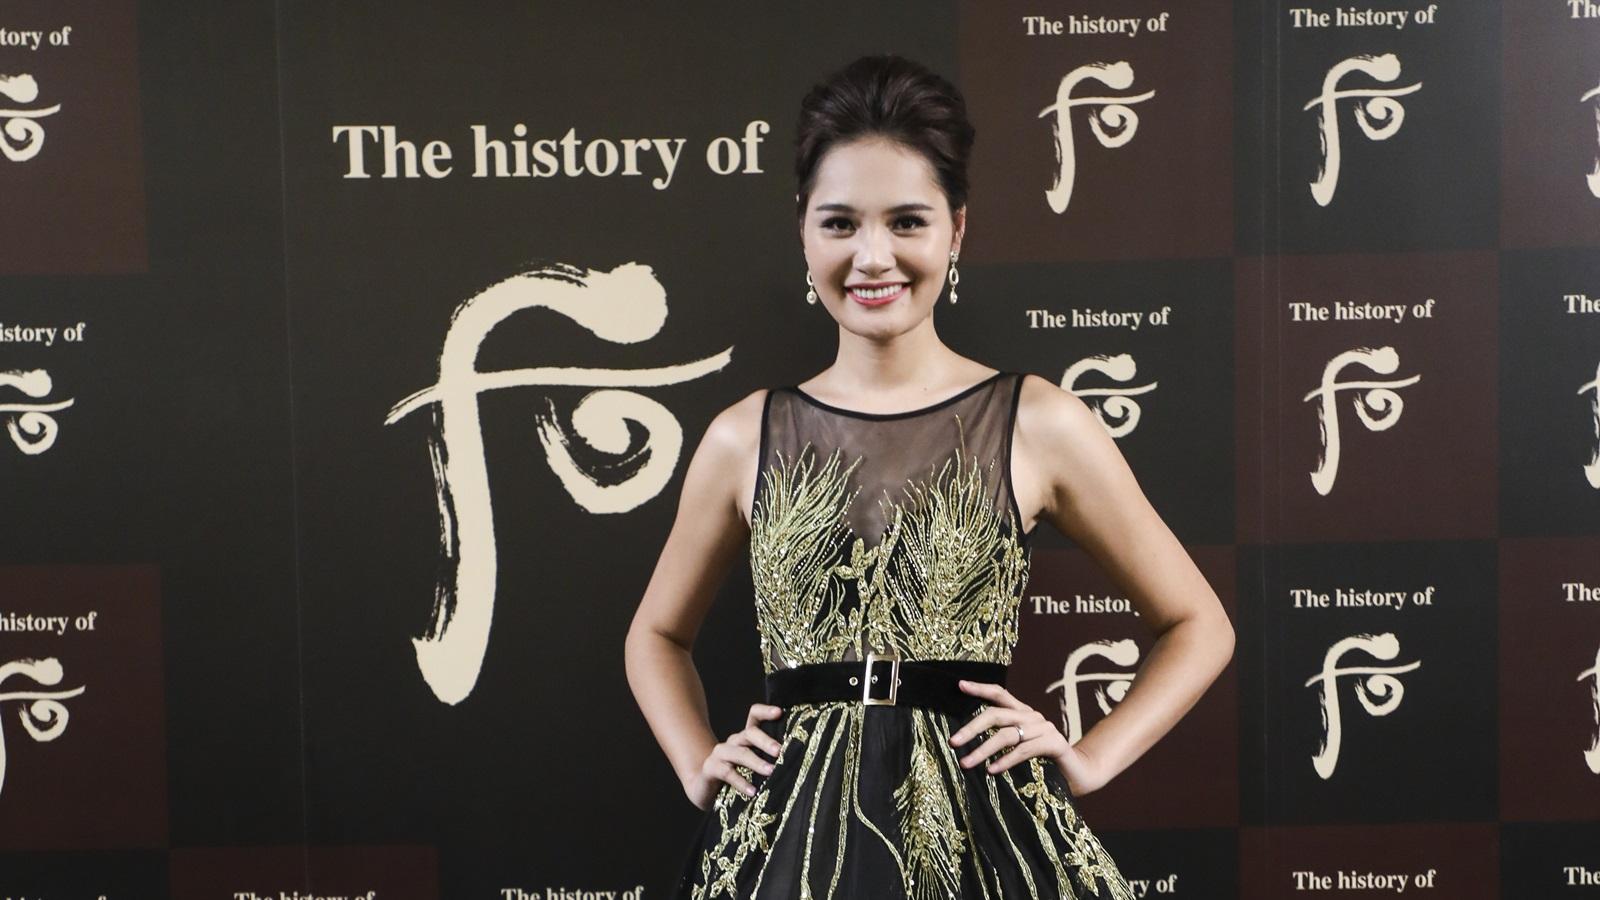 Hoa hậu Hương Giang hội ngộ Trương Tử Lâm tại yến tiệc cung đình của mỹ phẩm The History of Whoo